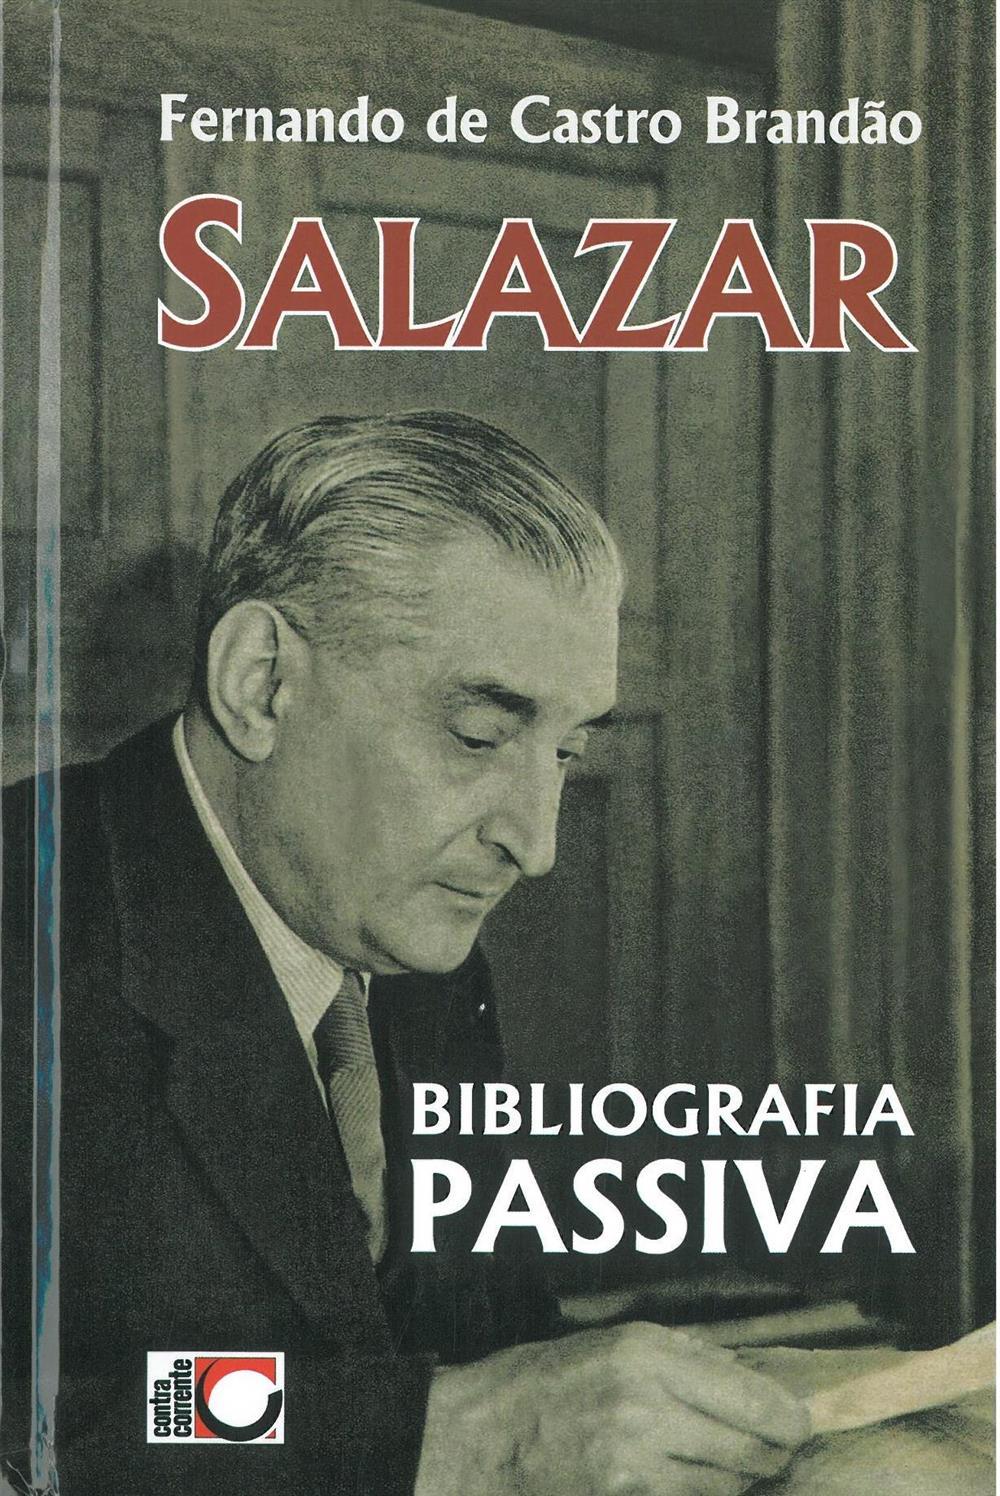 Salazar-Bibliografia passiva_.jpg